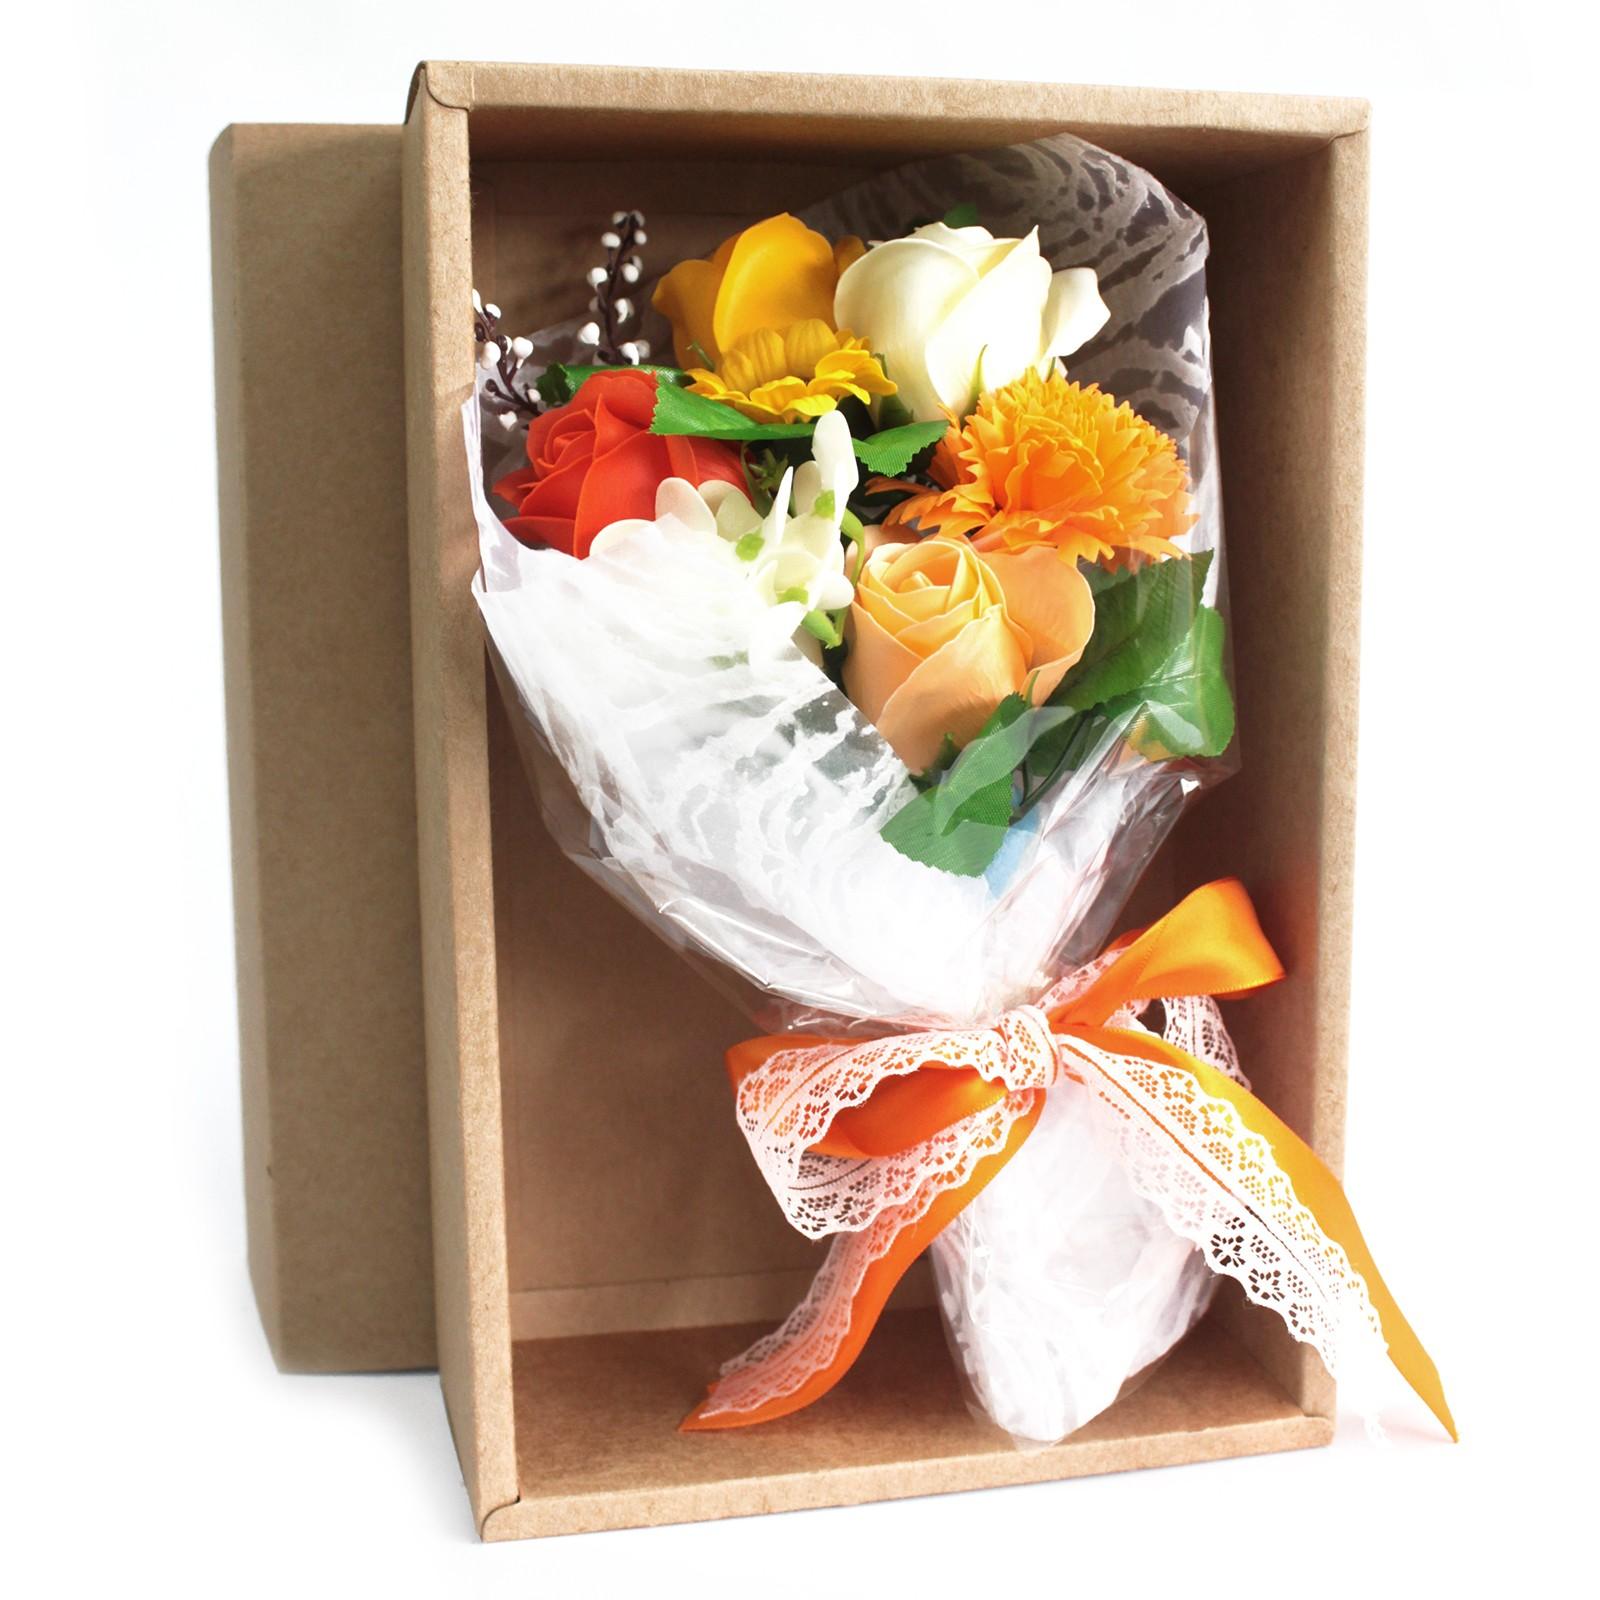 Boxed Hand Soap Flower Bouquet Orange